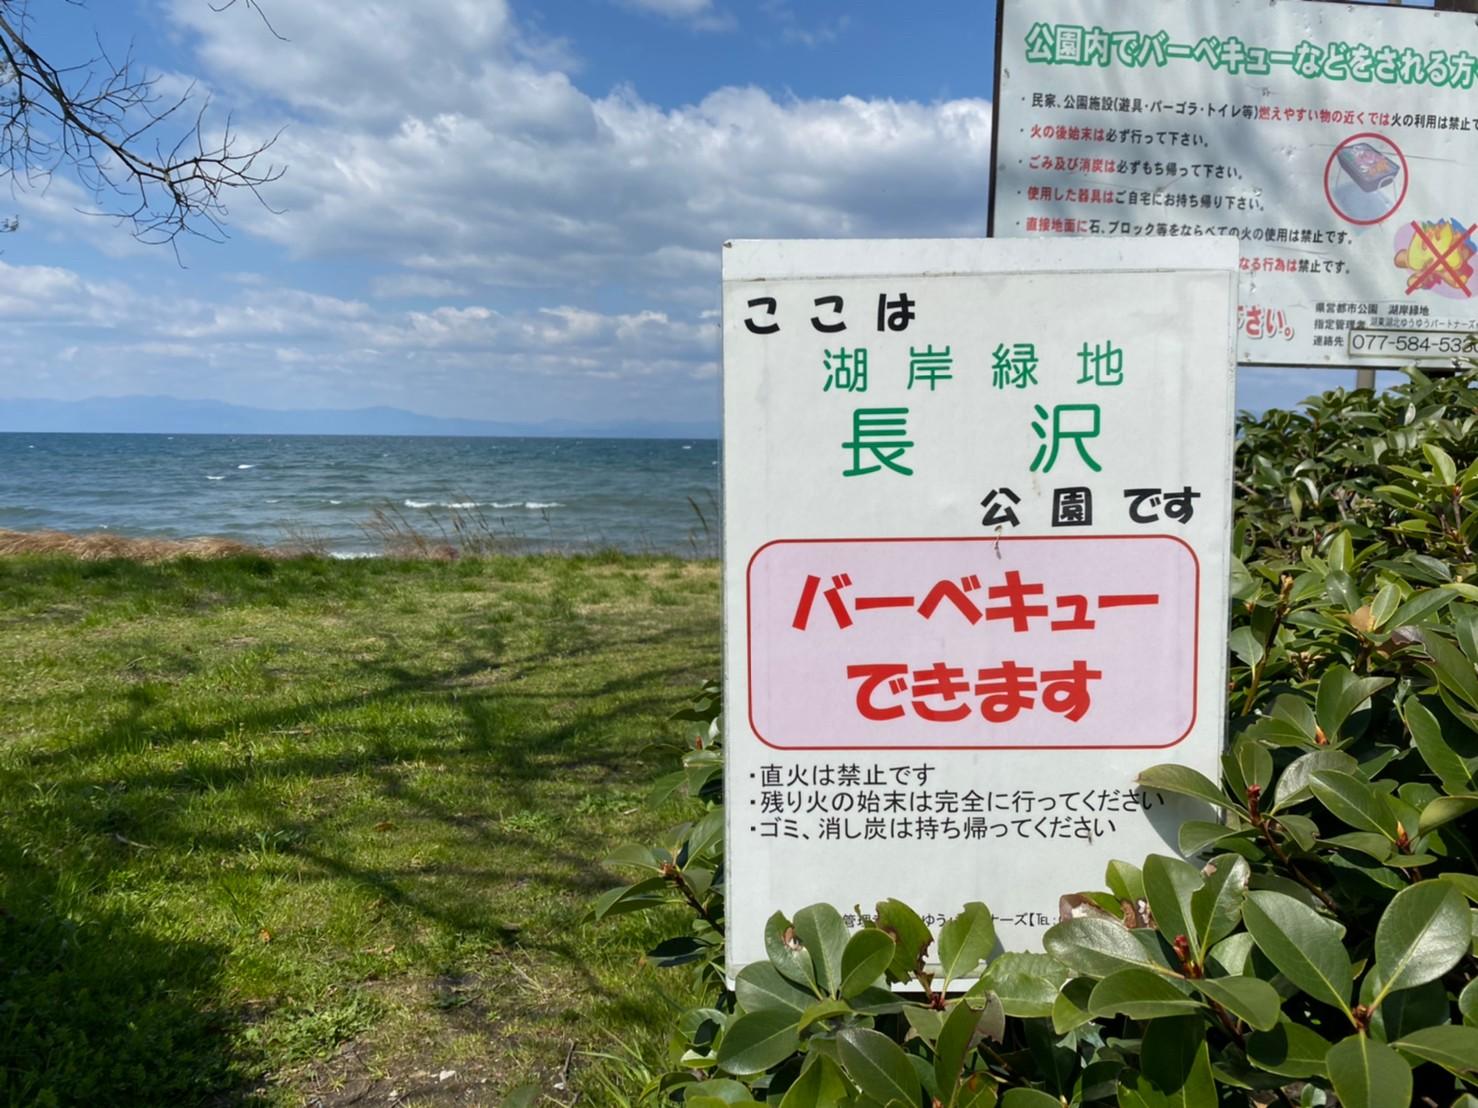 【米原市】『湖岸緑地 長沢公園』のアウトドア